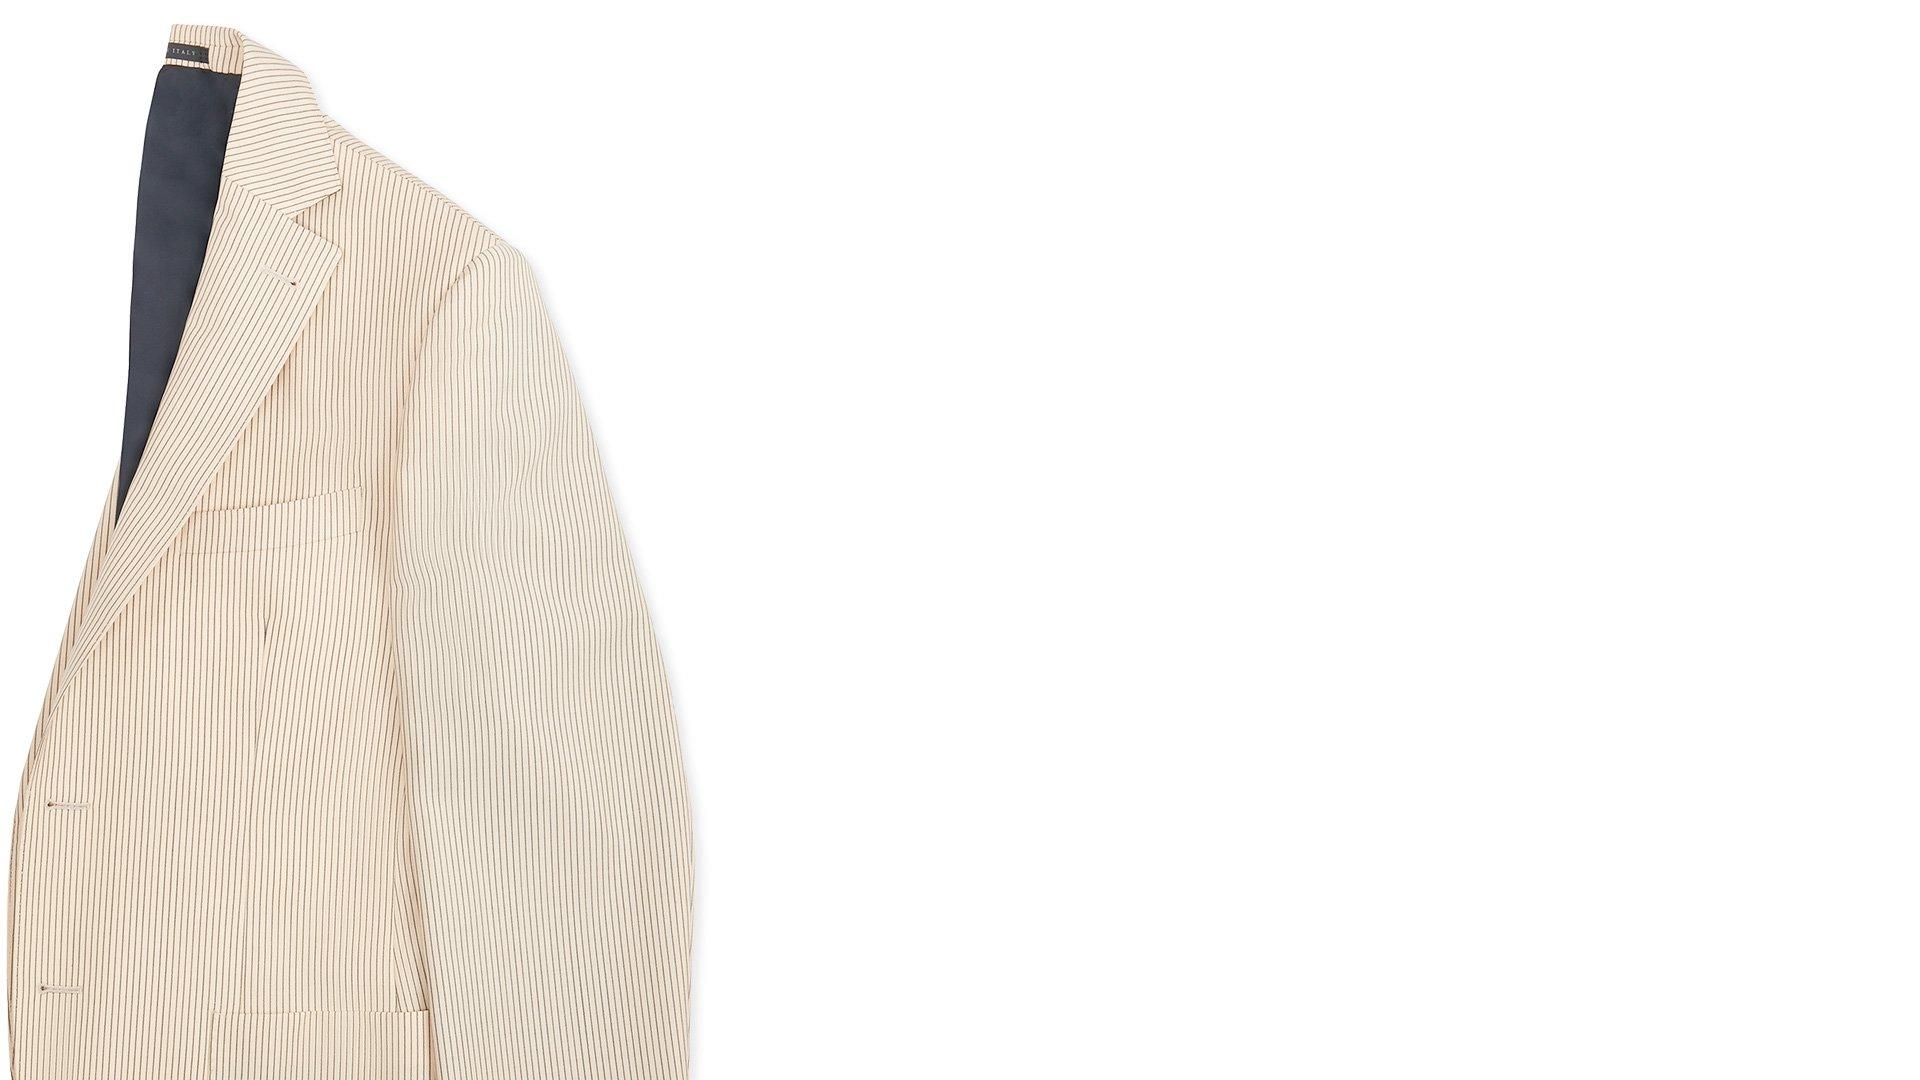 d455b5ad4ce87 Giacca da uomo crema rigato lana mohair ripiegata verticalmente